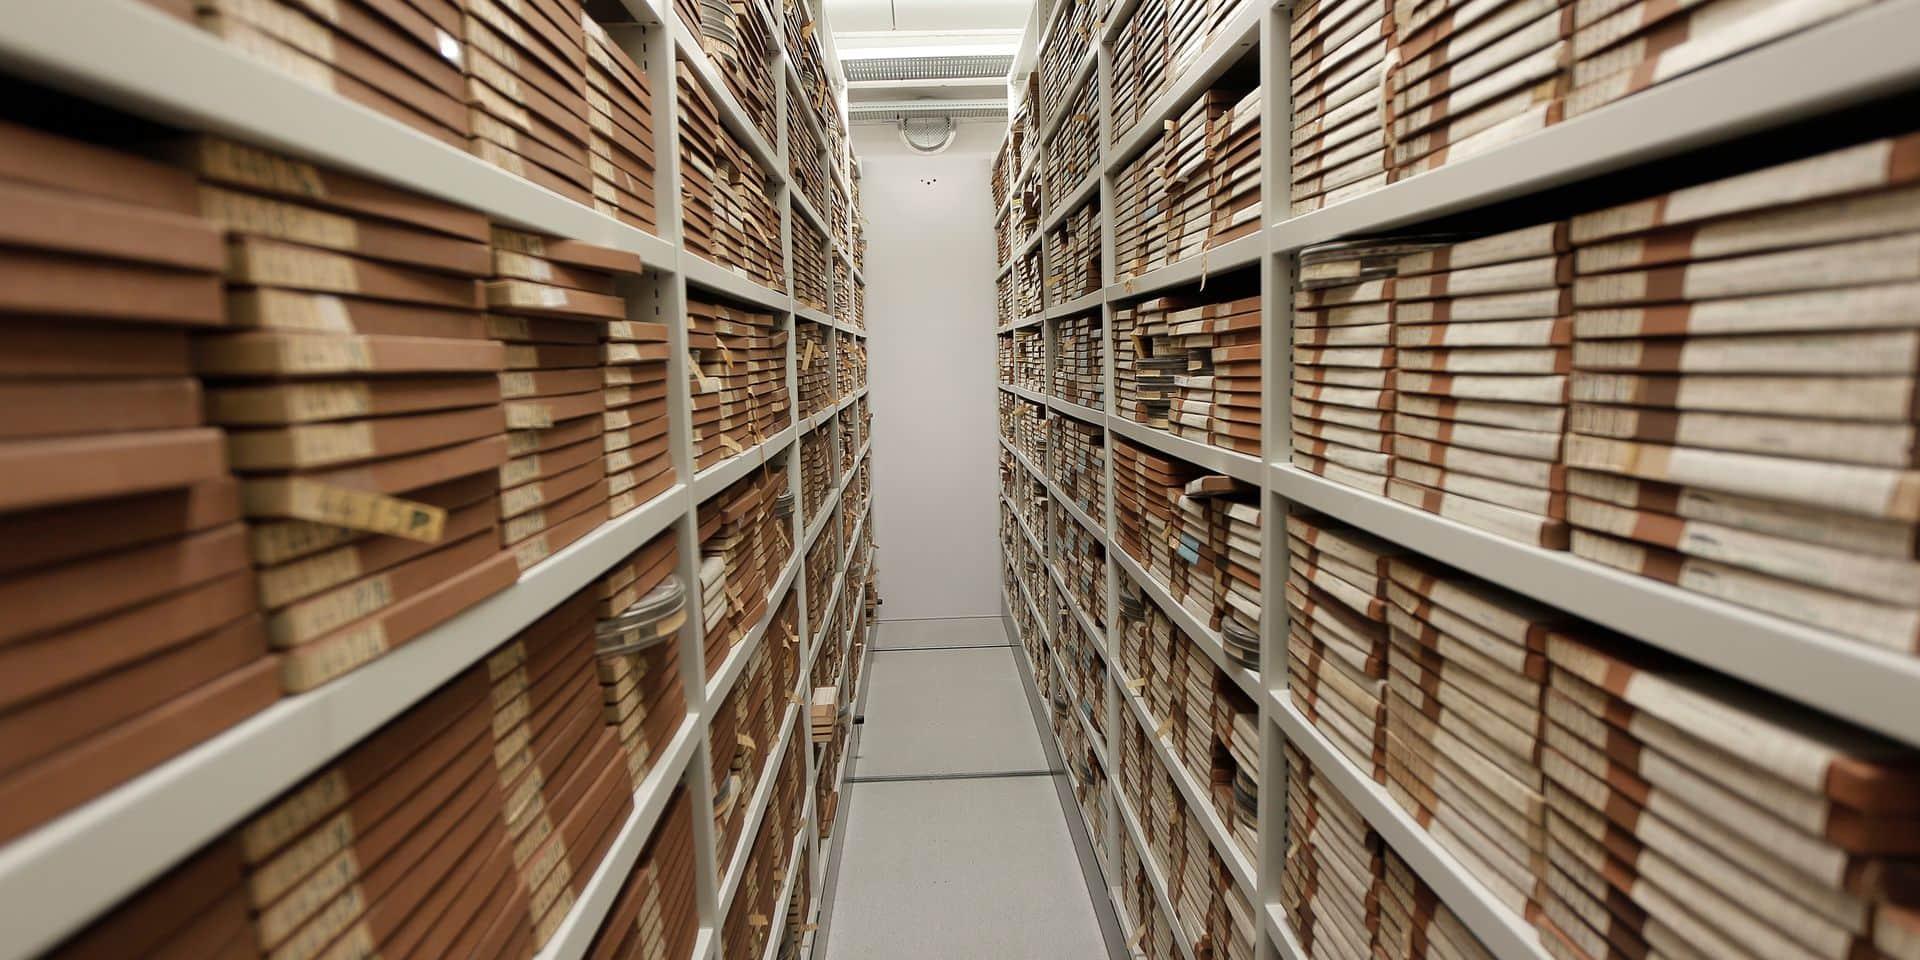 Les archives de Charleroi et de son CPAS bientôt centralisées